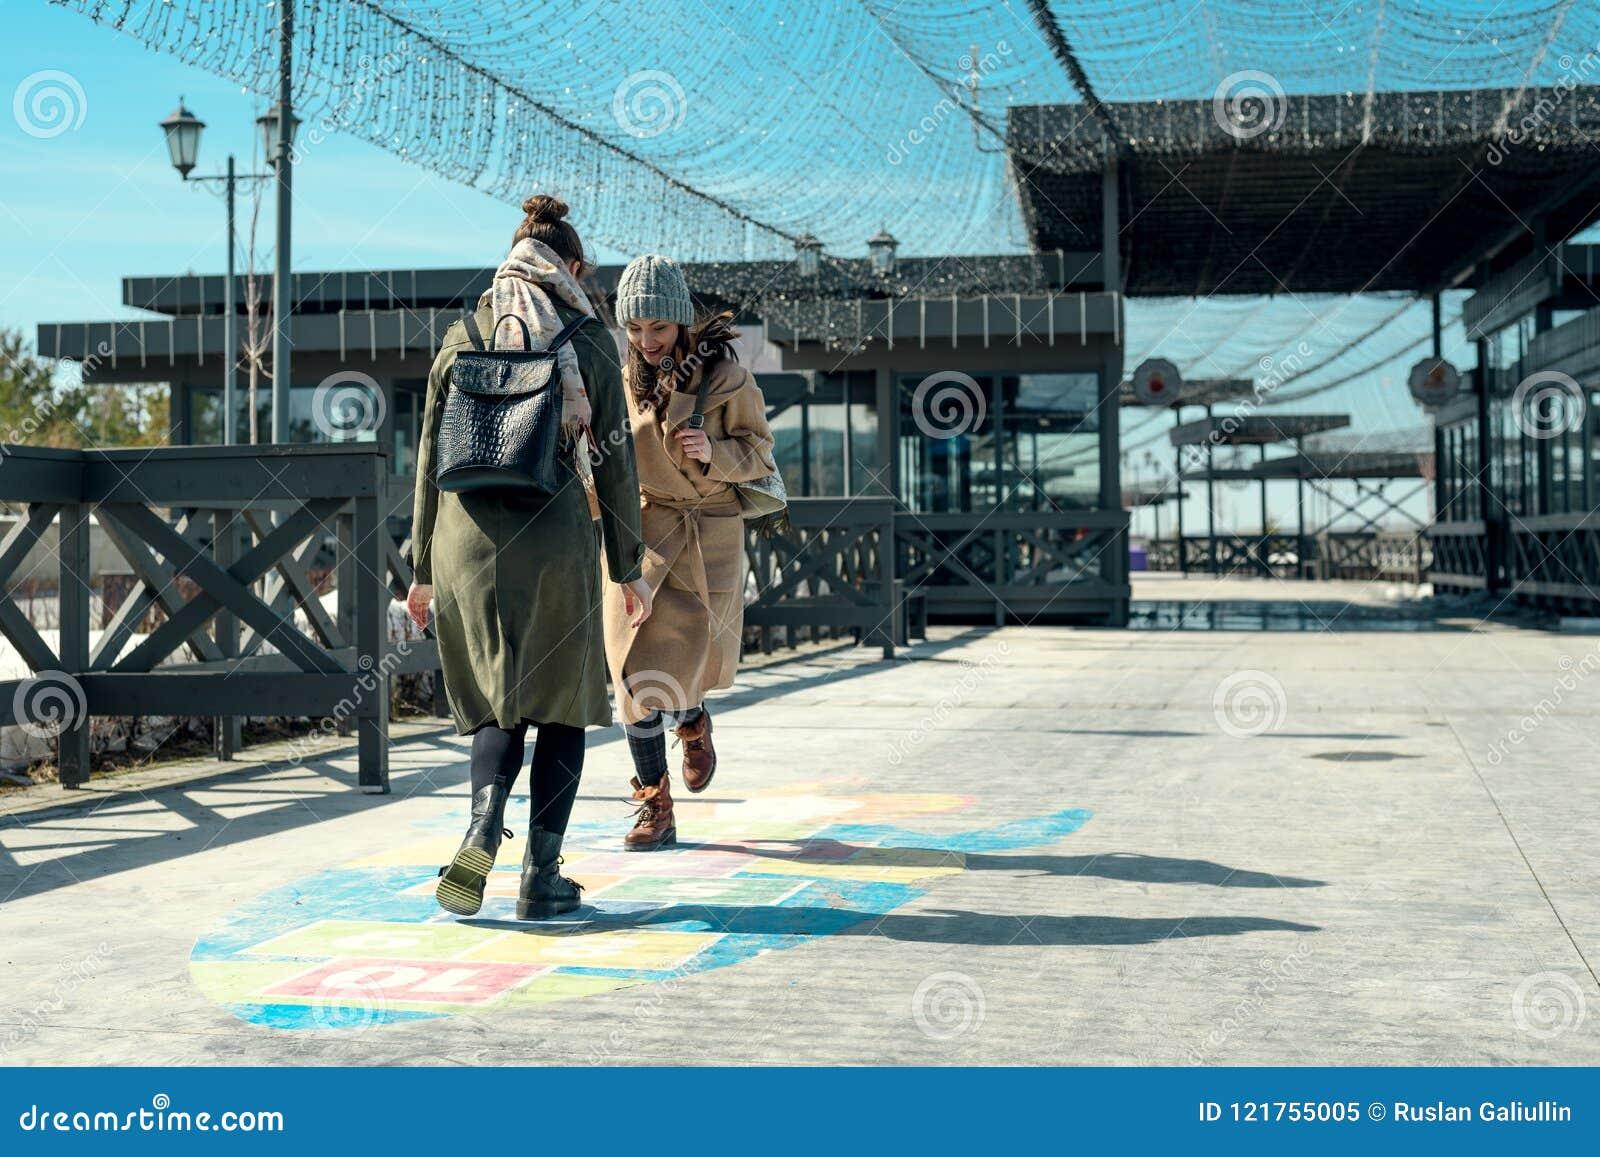 Δύο φίλες που περπατούν σε ένα πάρκο και που παίζουν hopscotch στο πεζοδρόμιο, εφηβεία, παιδική ηλικία